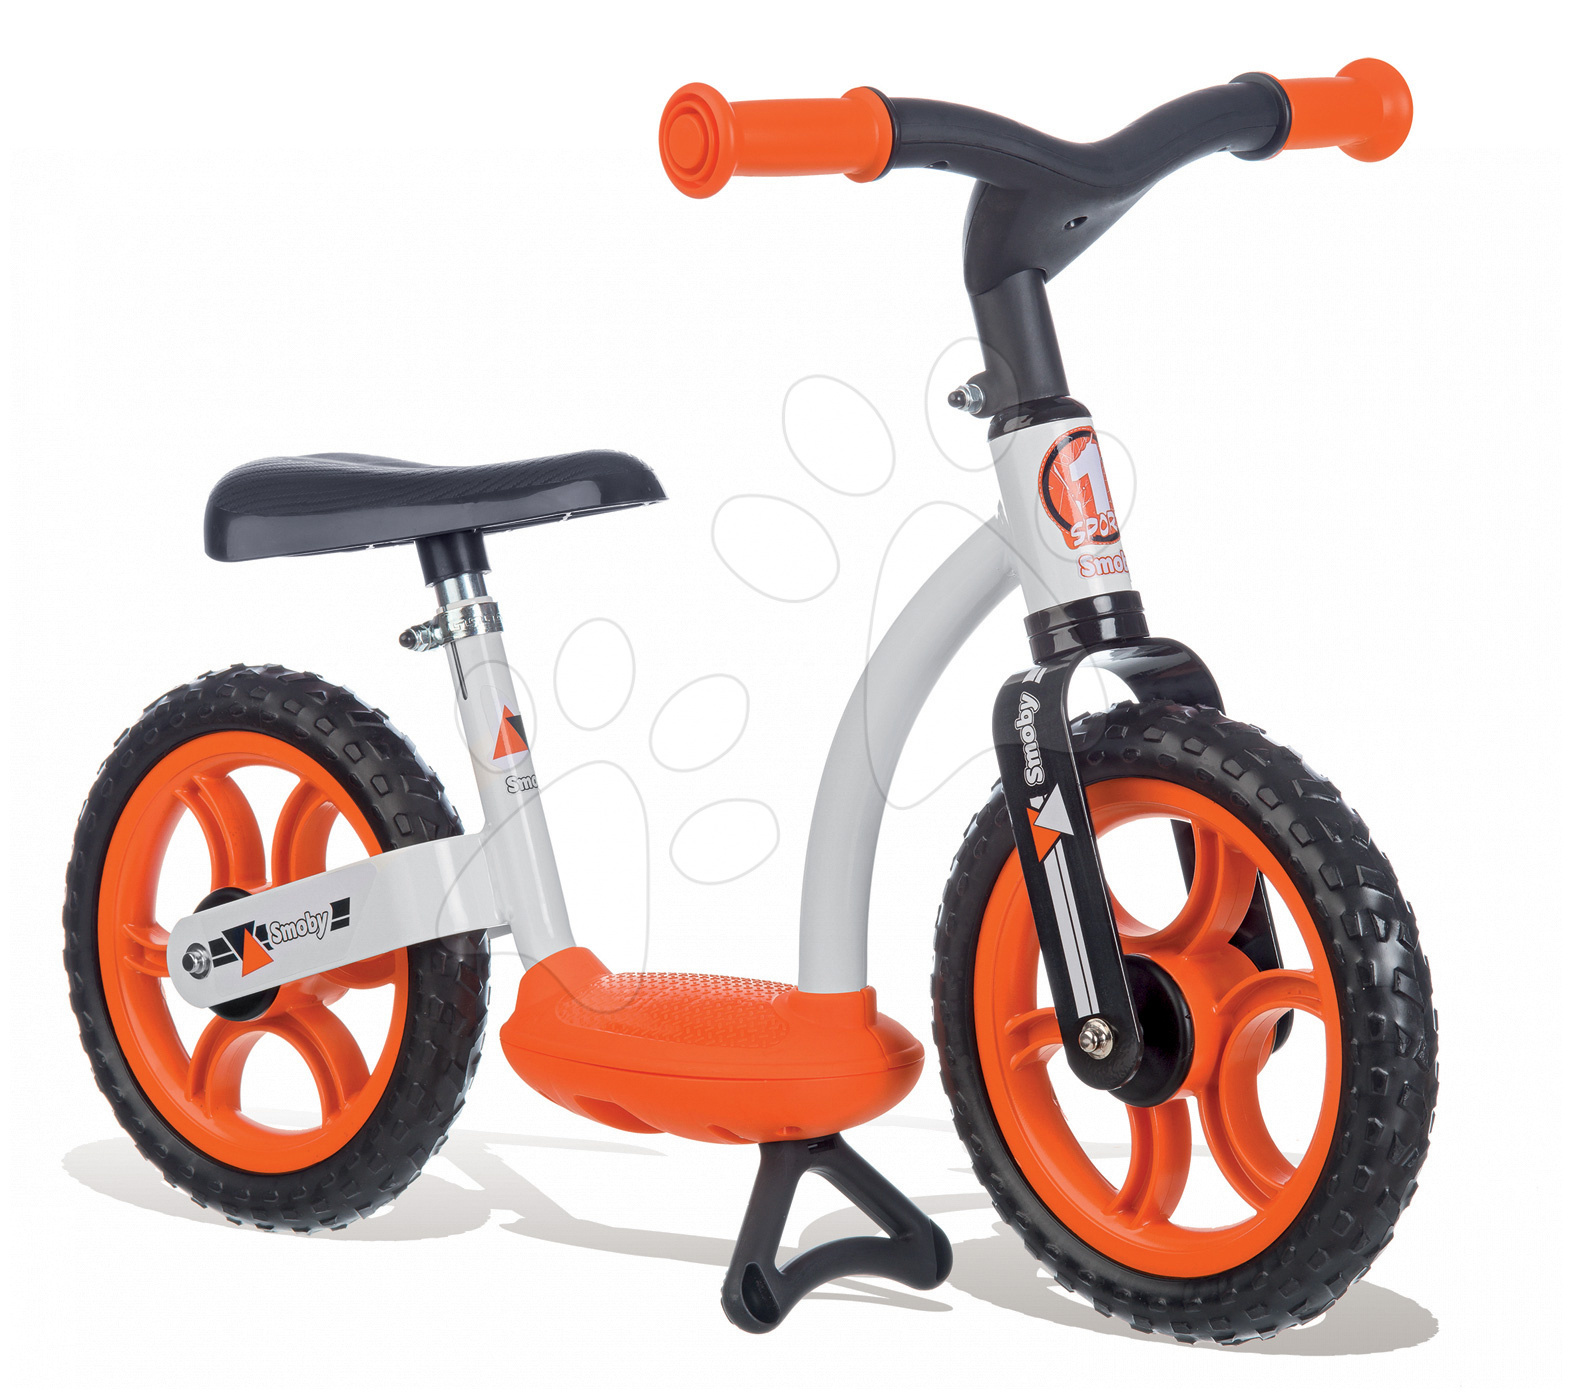 Odrážadlá od 18 mesiacov - Balančné odrážadlo Learning Bike Smoby s nastaviteľnou výškou sedadla čierno-oranžové od 24 mes